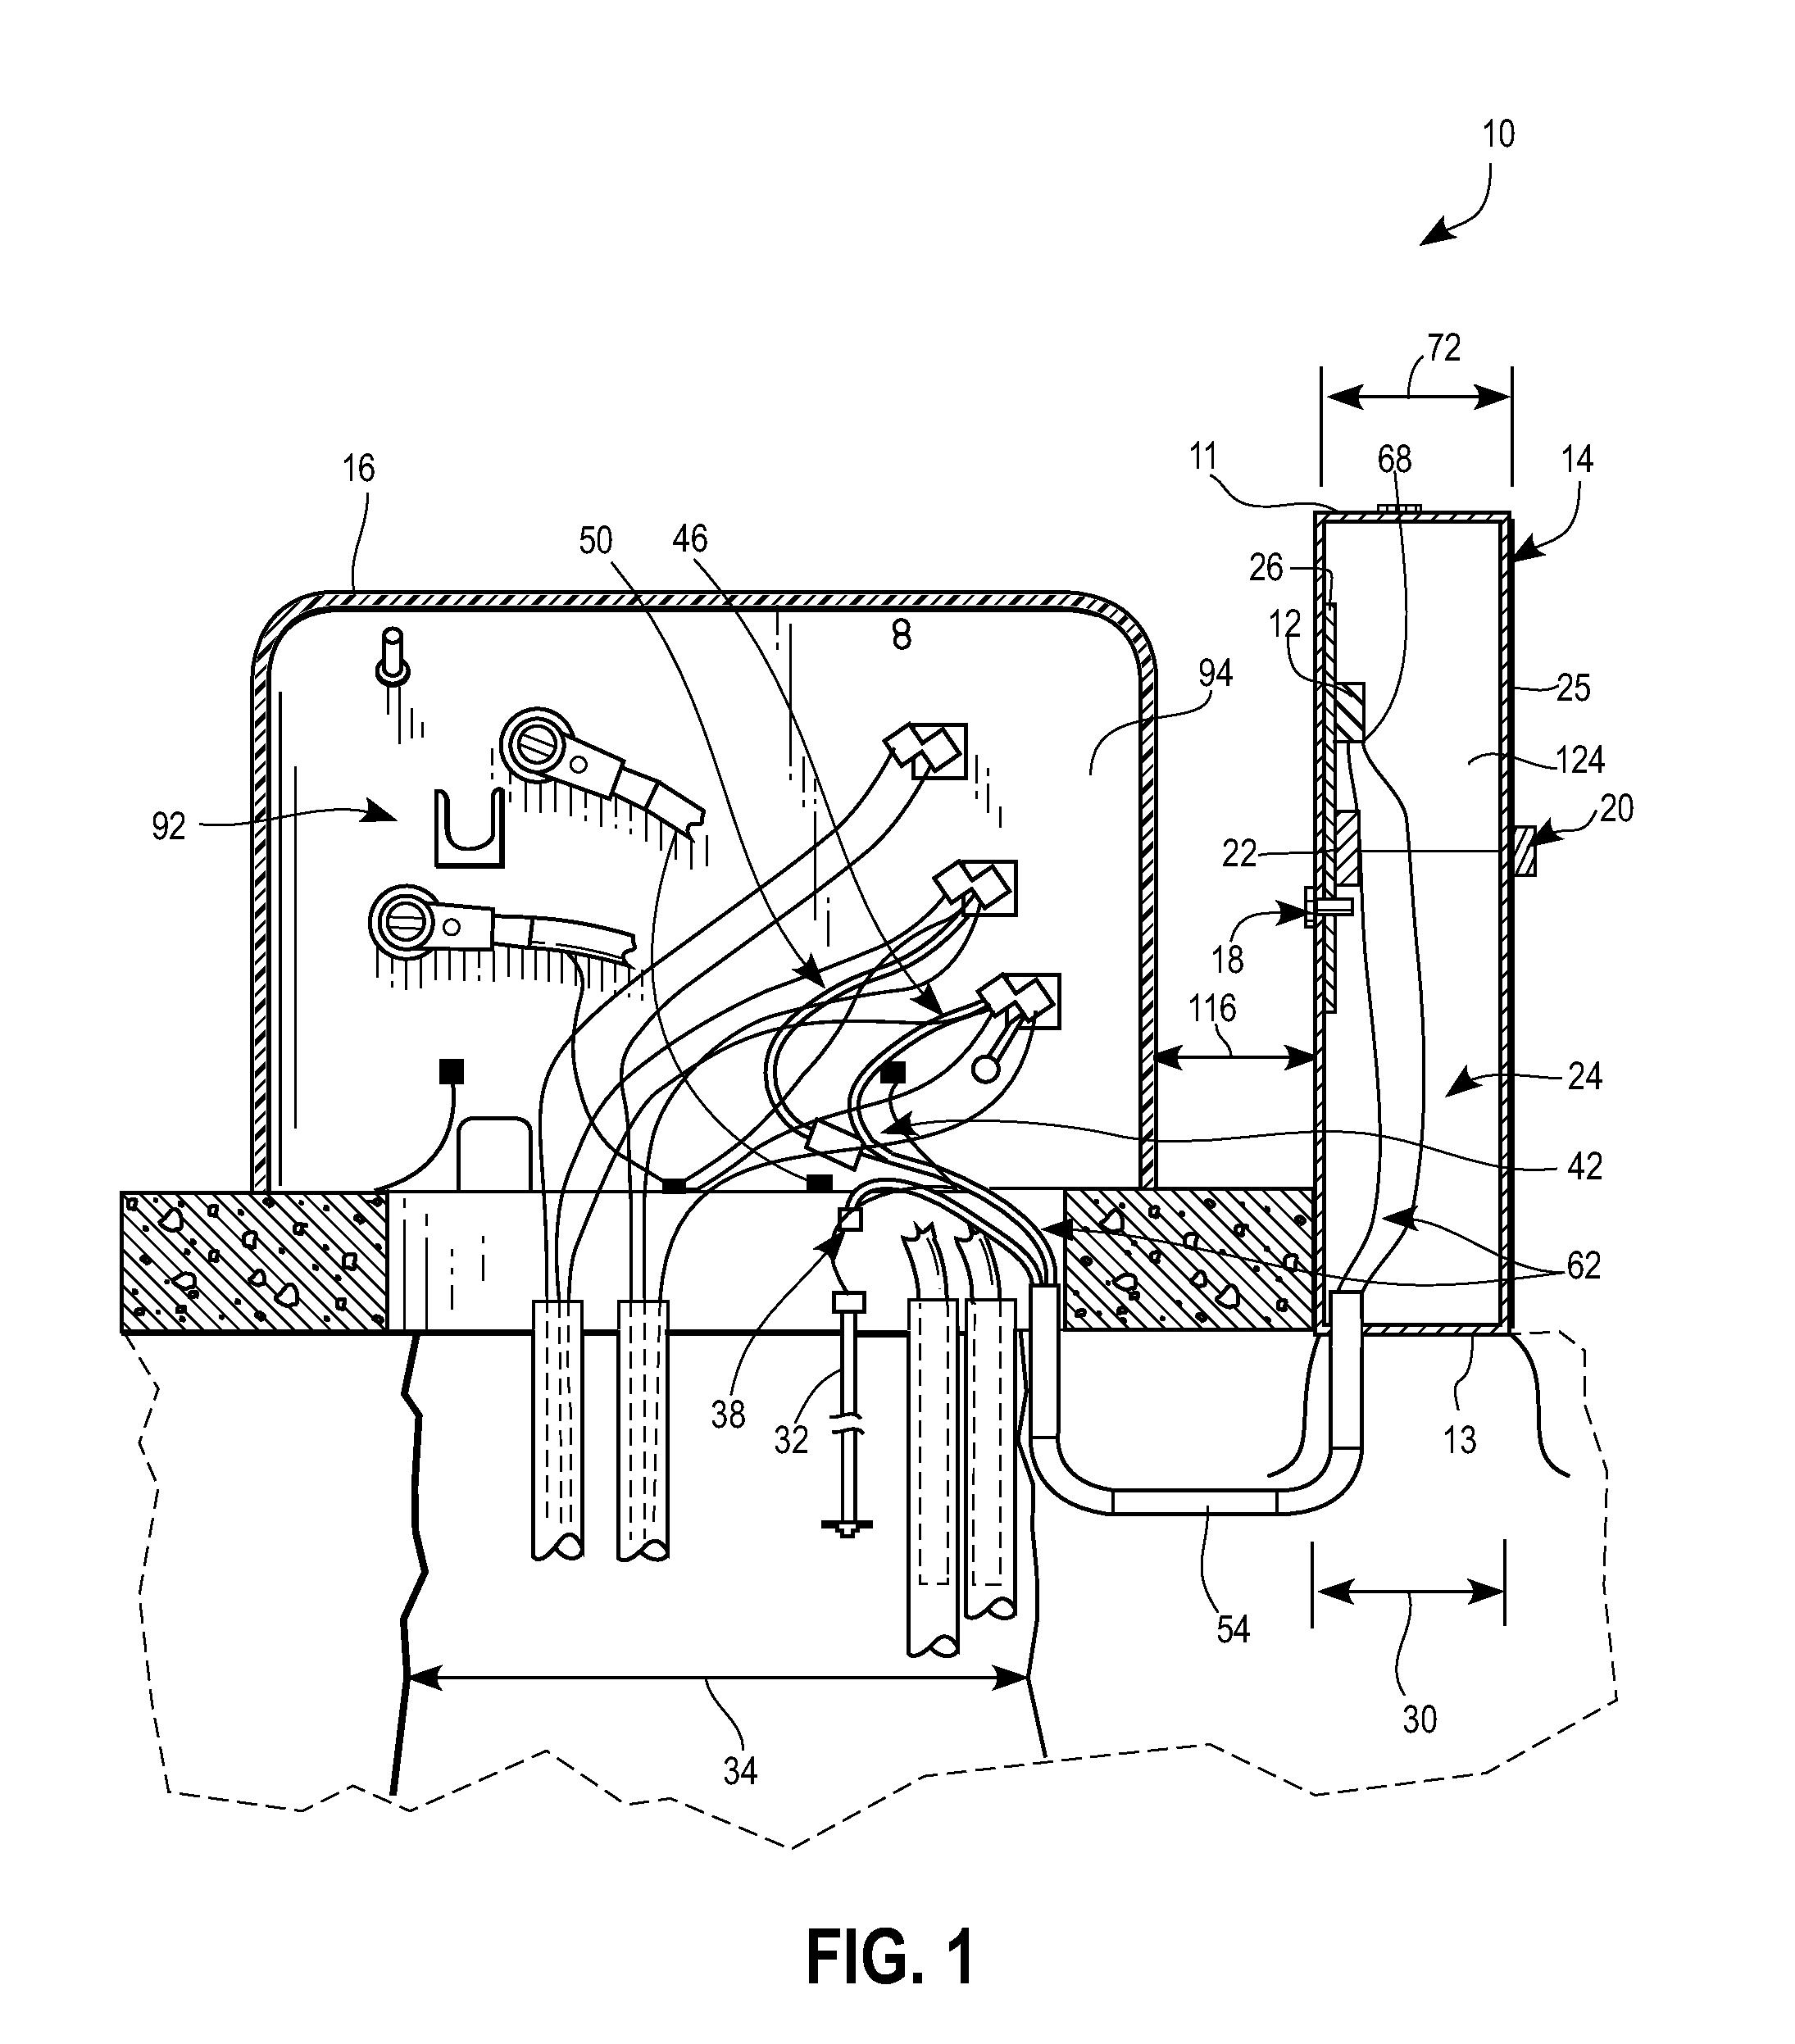 patent us20120314341 gateway node google patents patent drawing